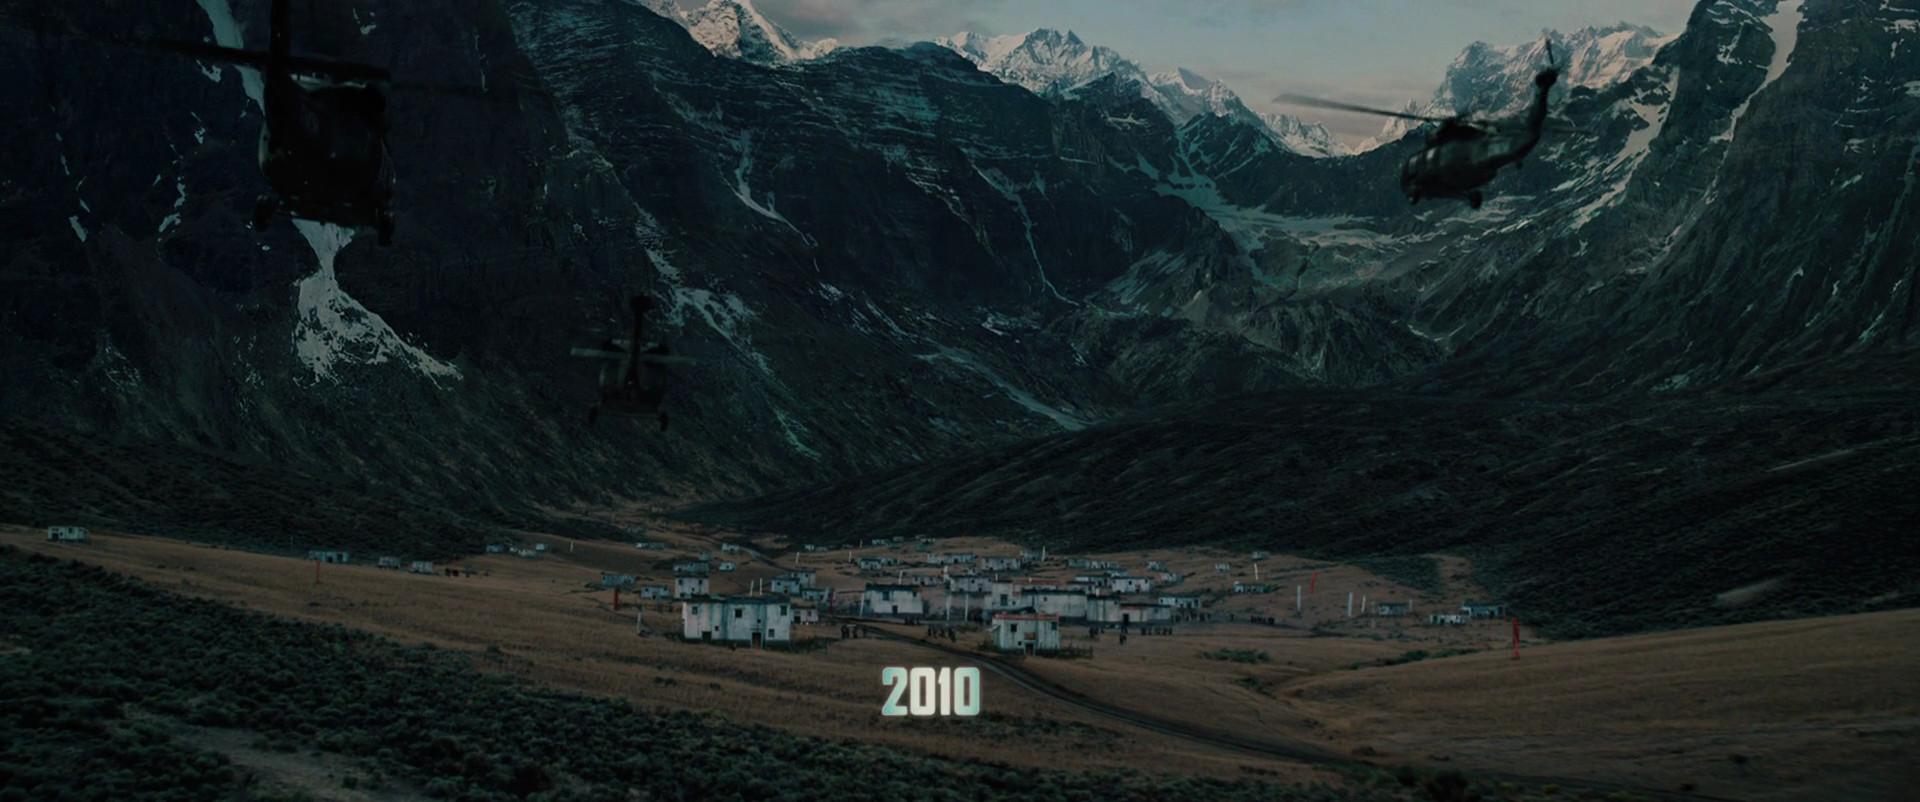 Jan jinda 2012 002